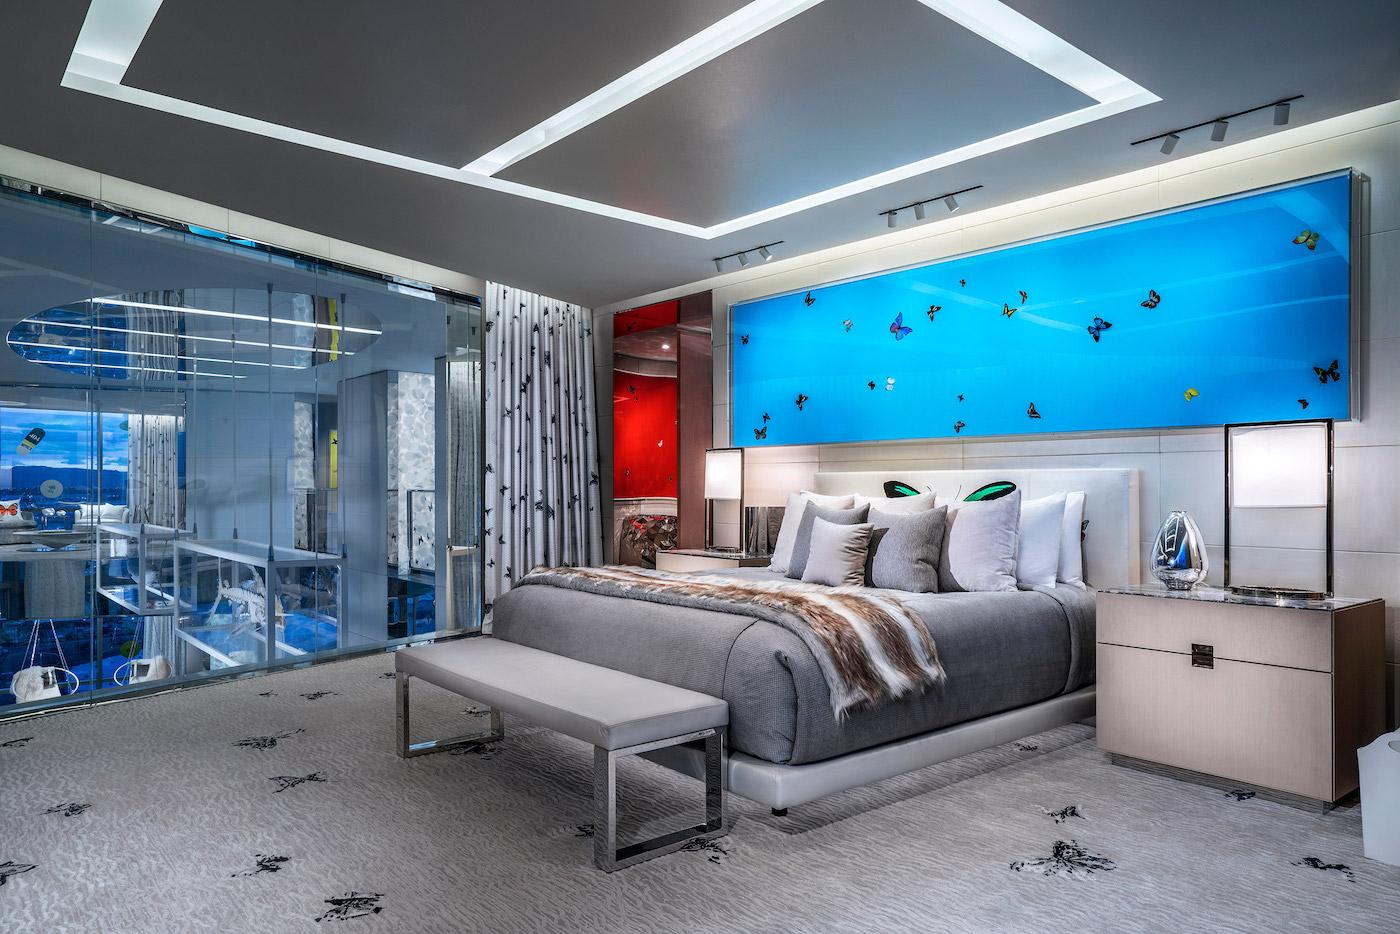 80.000 Dollar pro Nacht: Ein Blick in das teuerste Hotelzimmer der Welt 1